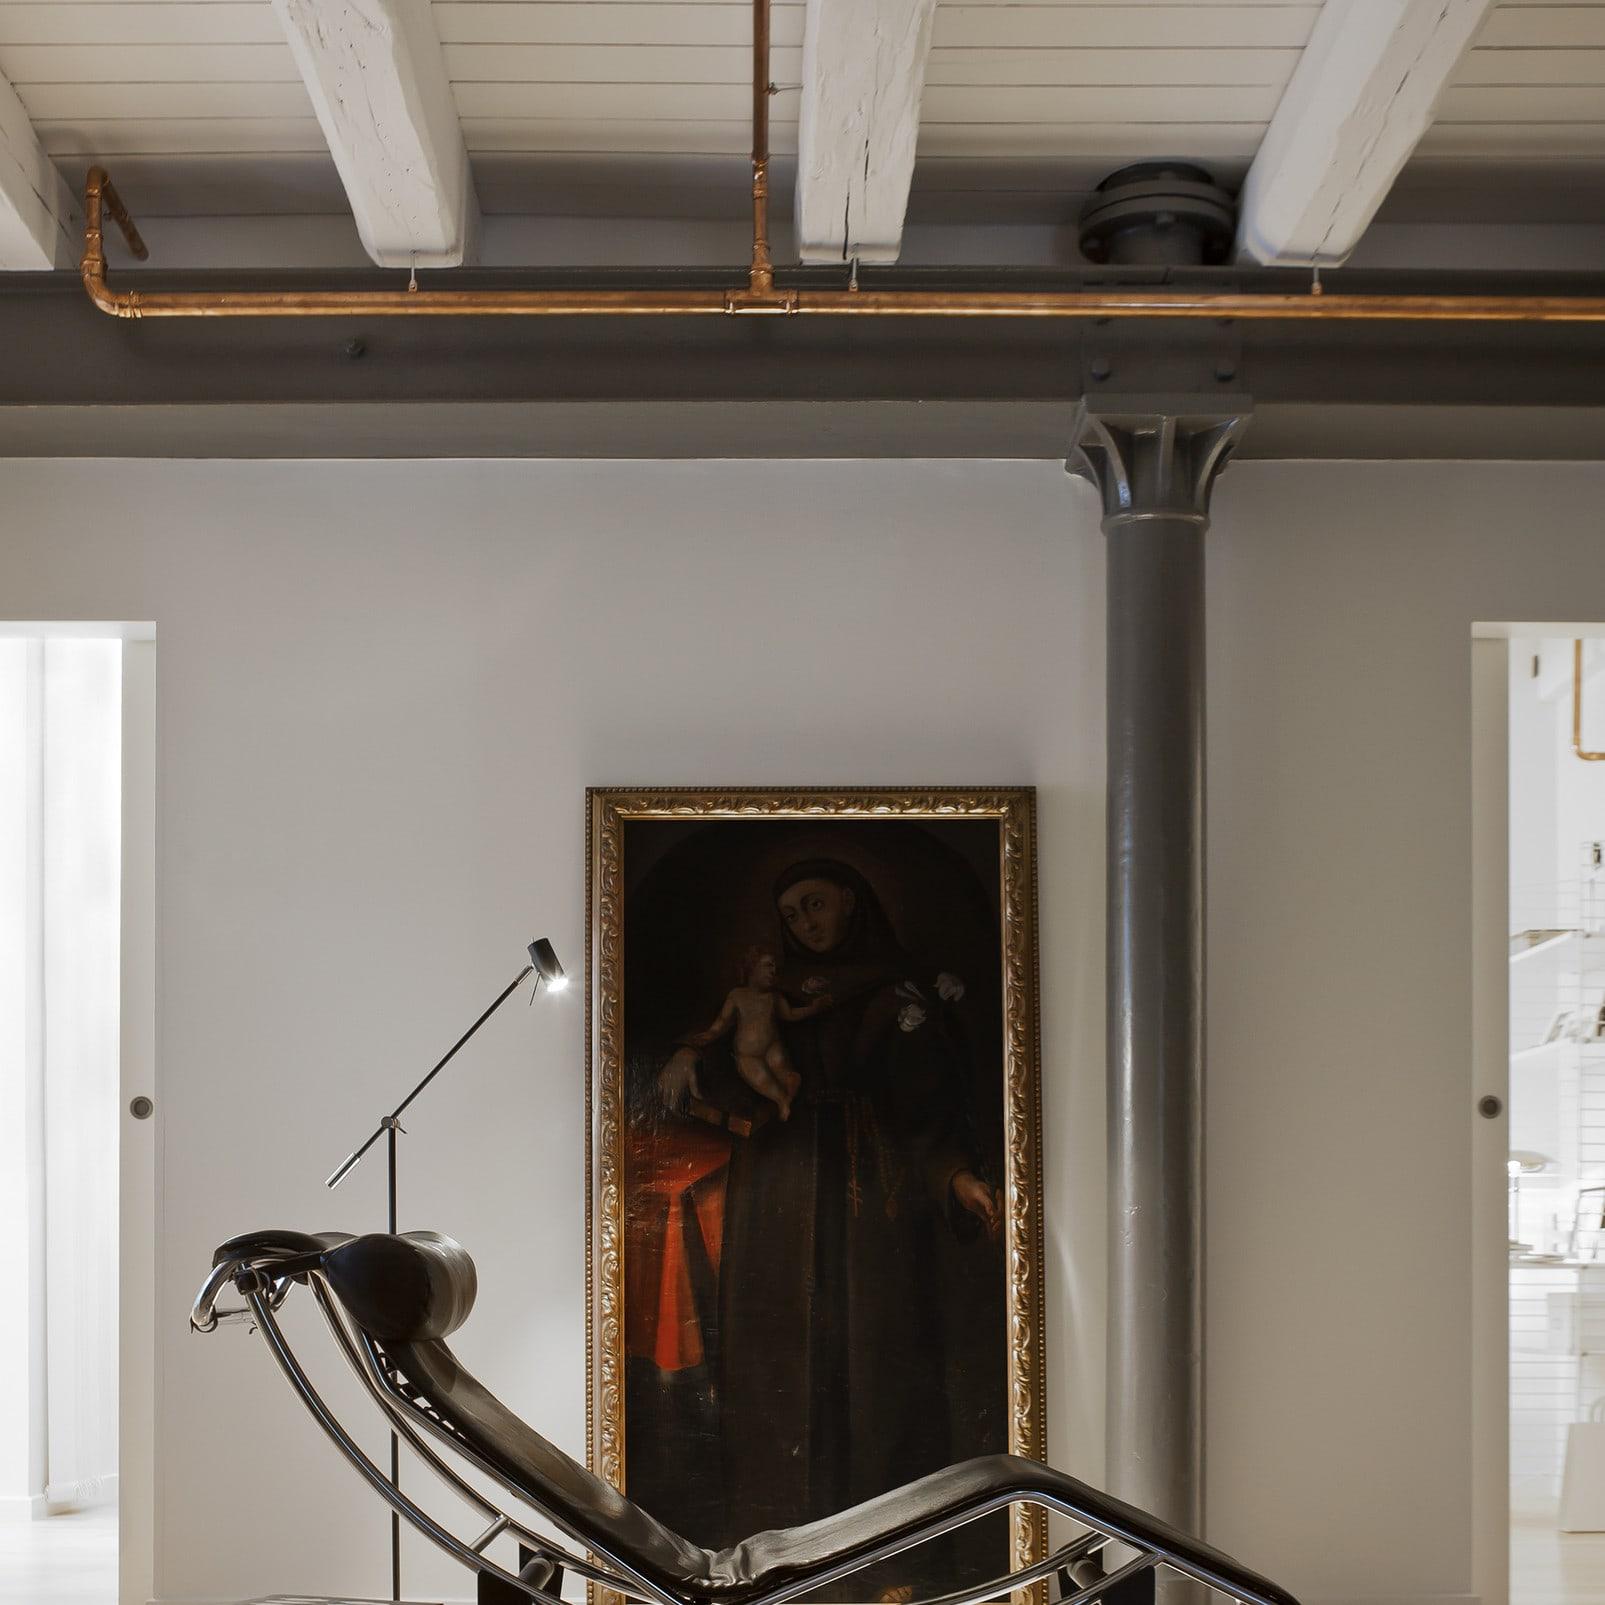 En stor målning med religiöst motiv från 1700-talet möter Le Corbusiers vilstol med svart skinnklädsel från 1900-talets mitt. Blandingen skapar dynamik och spänning till hemmet samtidigt som inredningen får ett kulturhistoriskt värde.